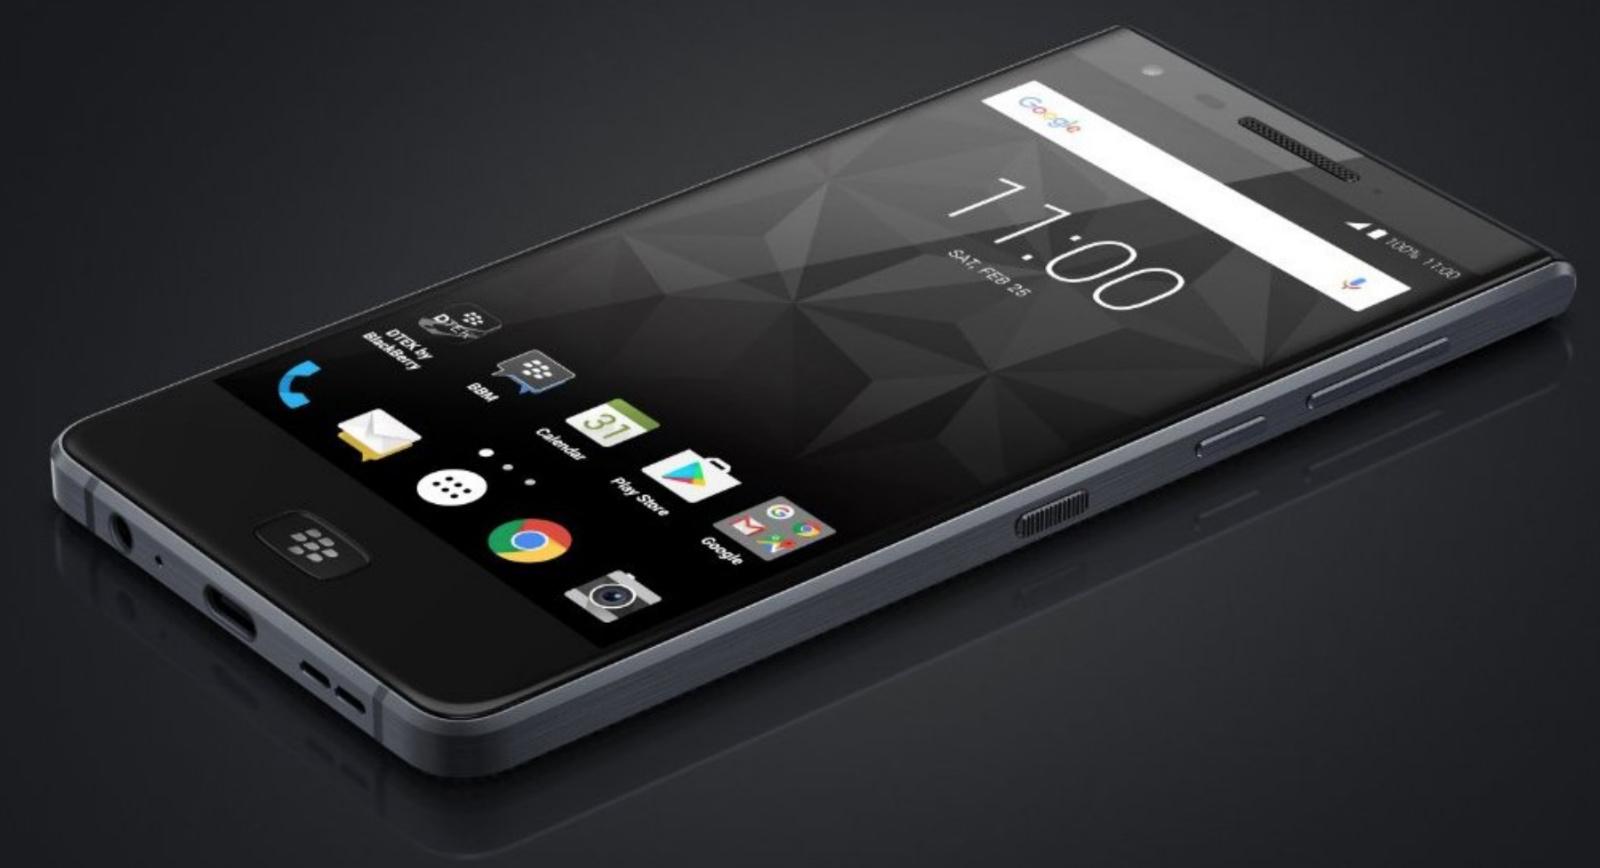 Aparecen imágenes de un BlackBerry resistente al agua